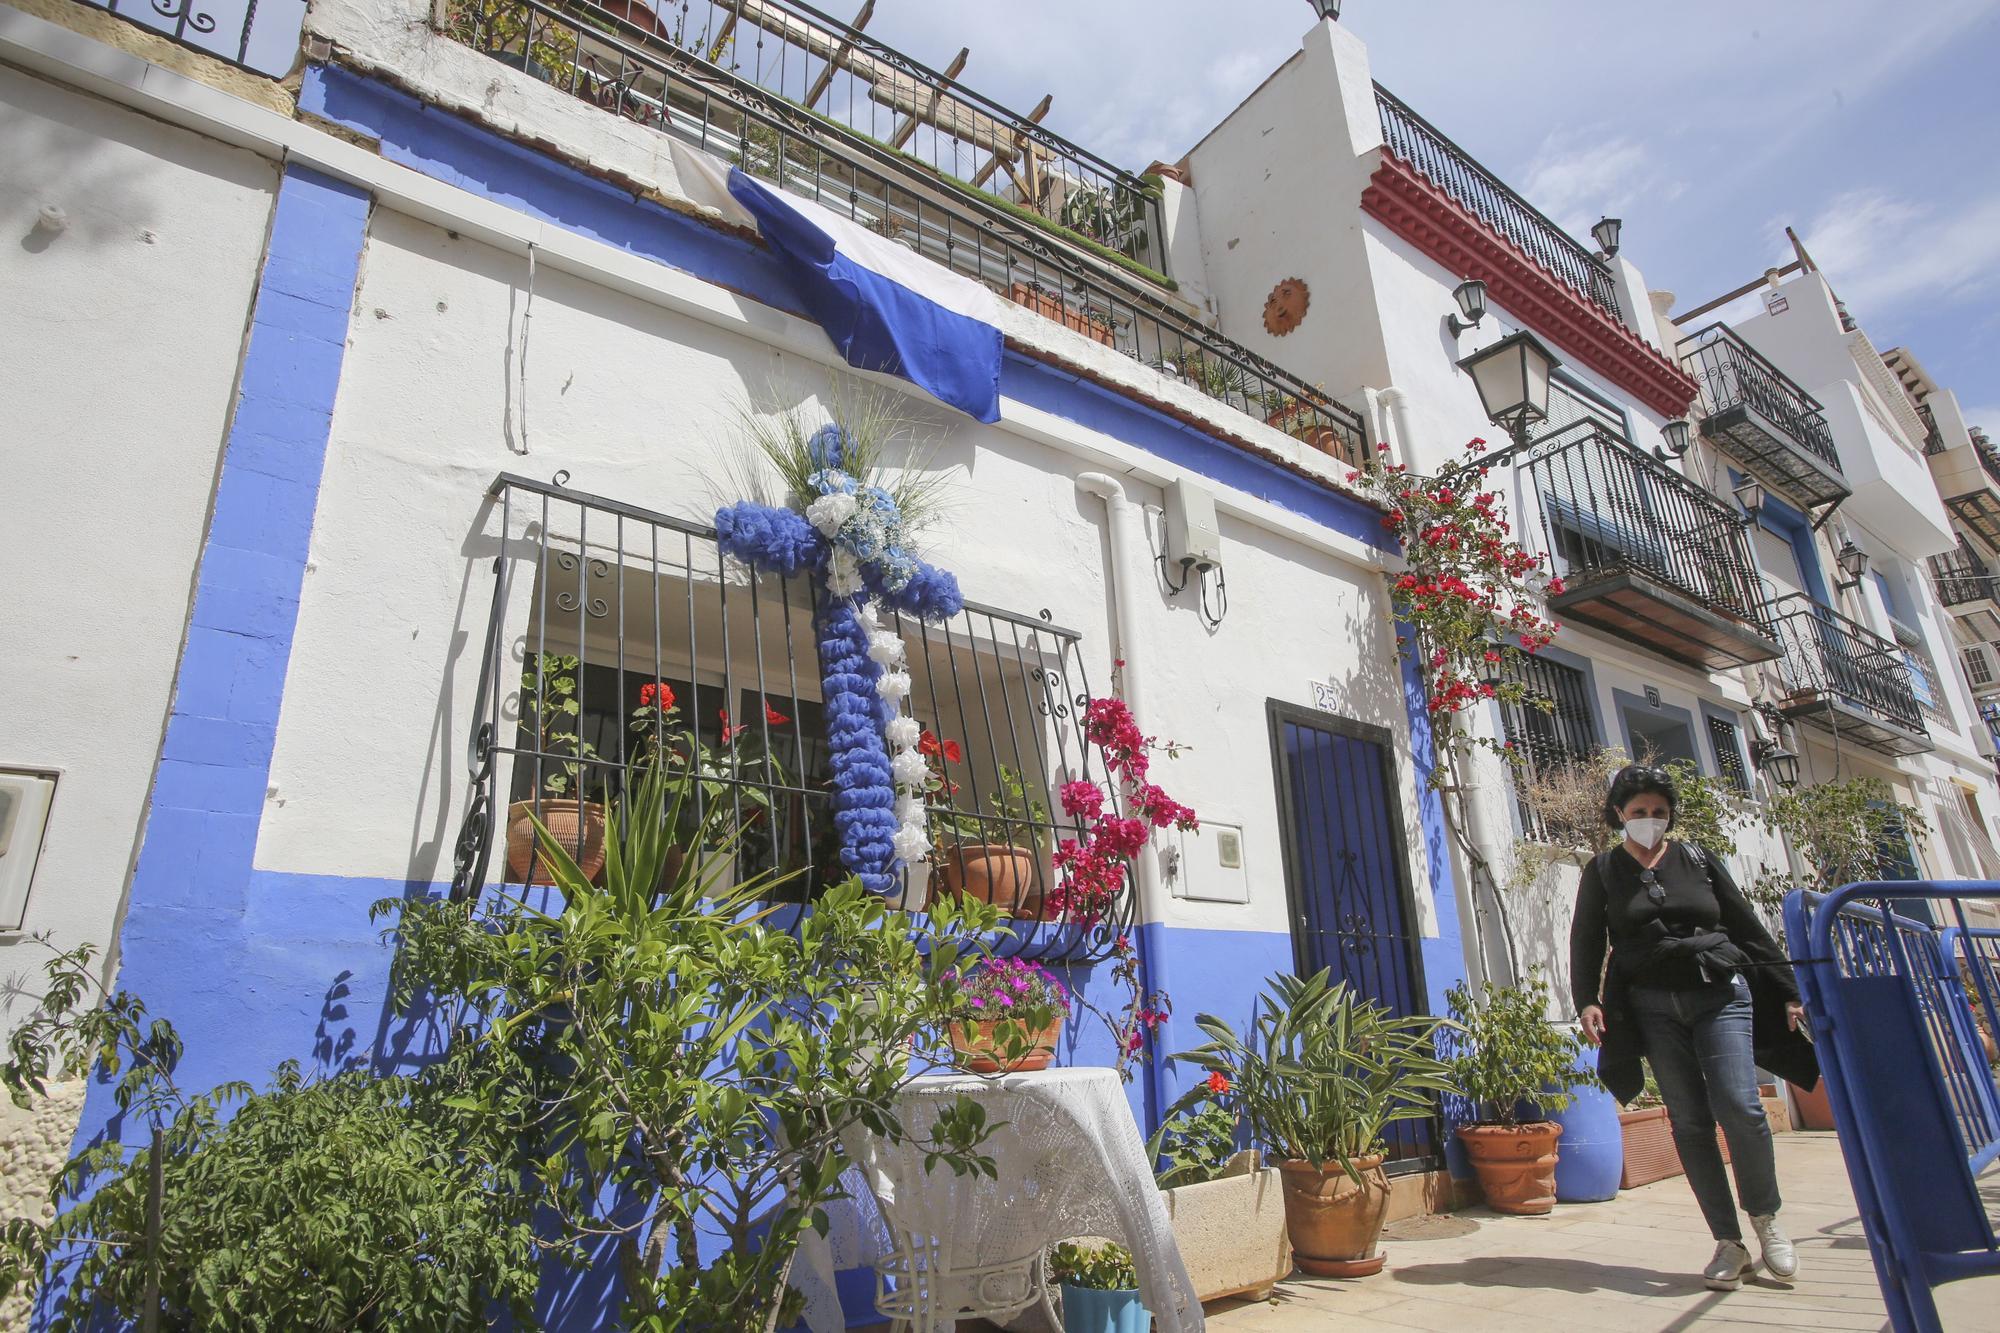 Vecinos del barrio de Santa Cruz en Alicante engalanan las calles con las tradicionales Cruces de Mayo